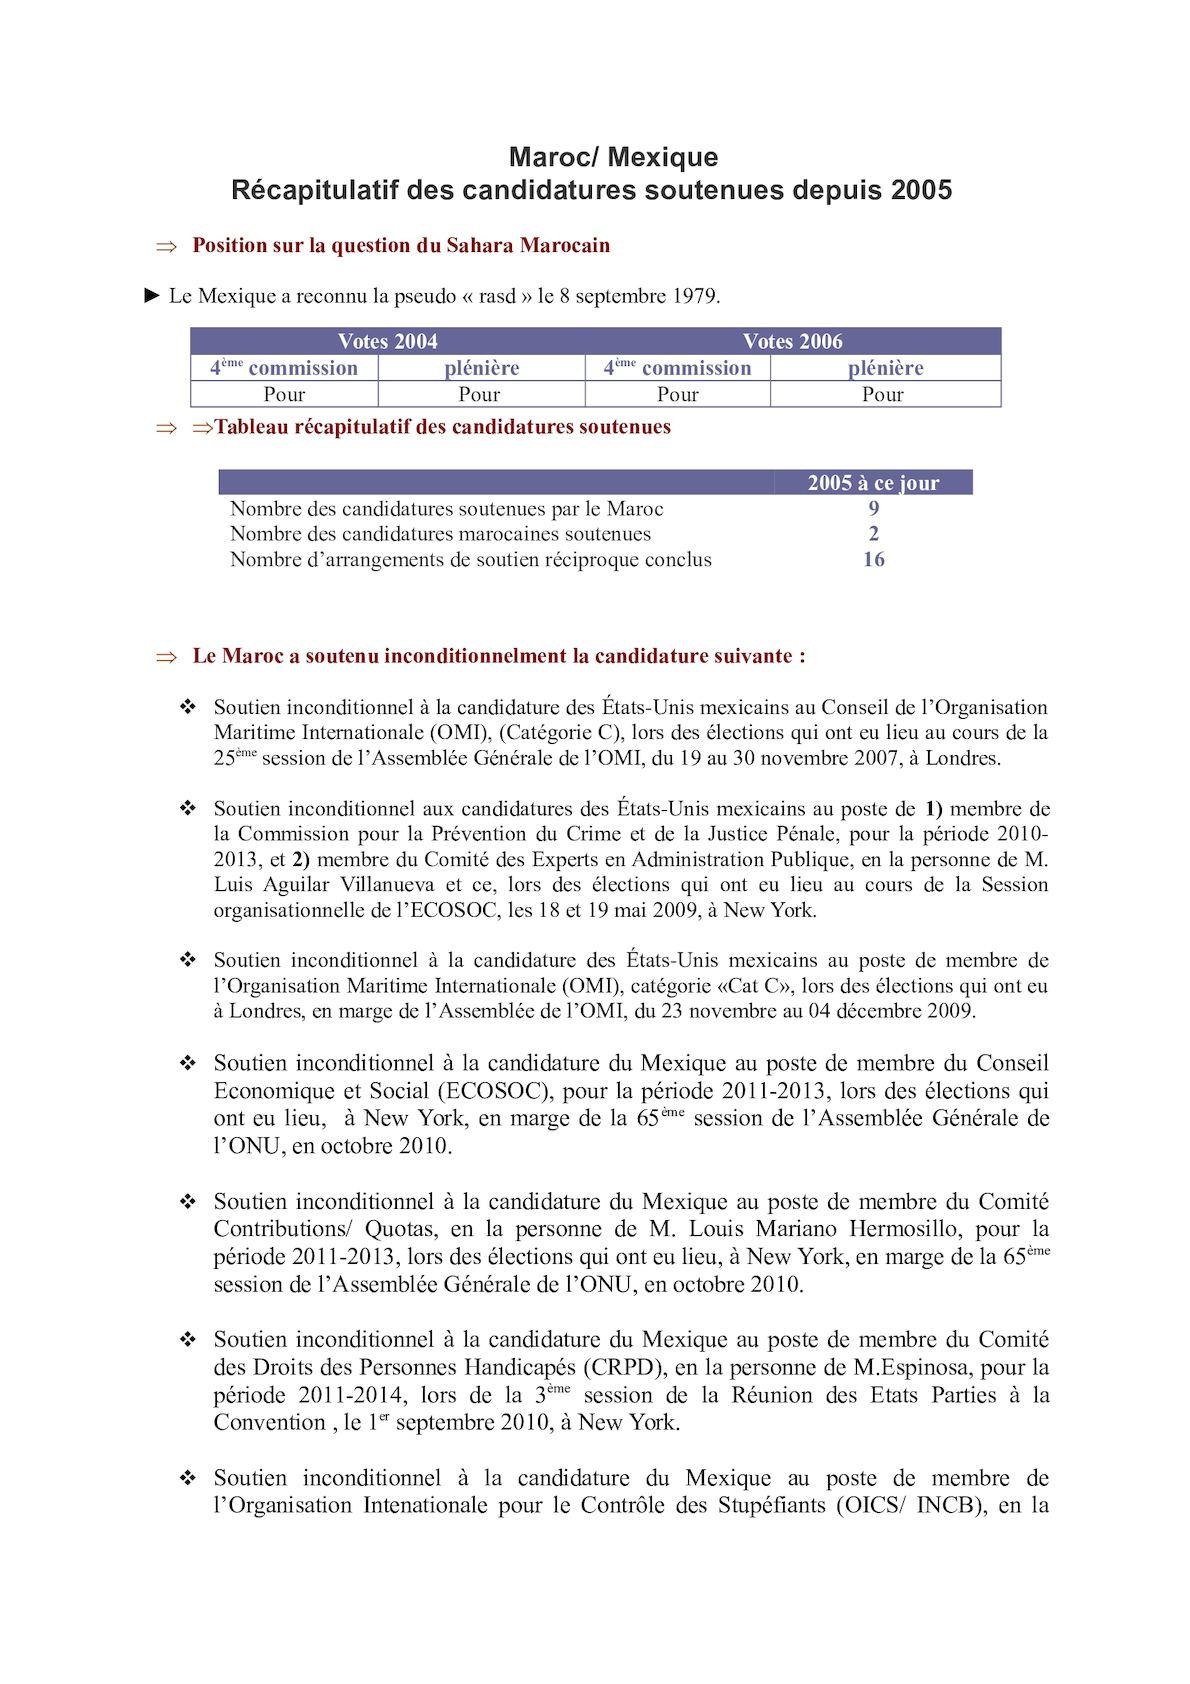 Fiche Soutien Candidature - Mexique